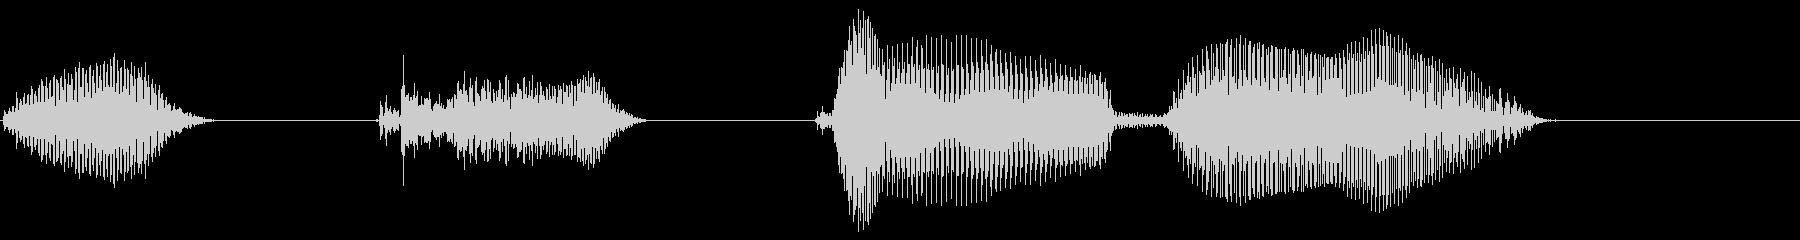 いけてる!2【ロリキャラの褒めボイス】の未再生の波形